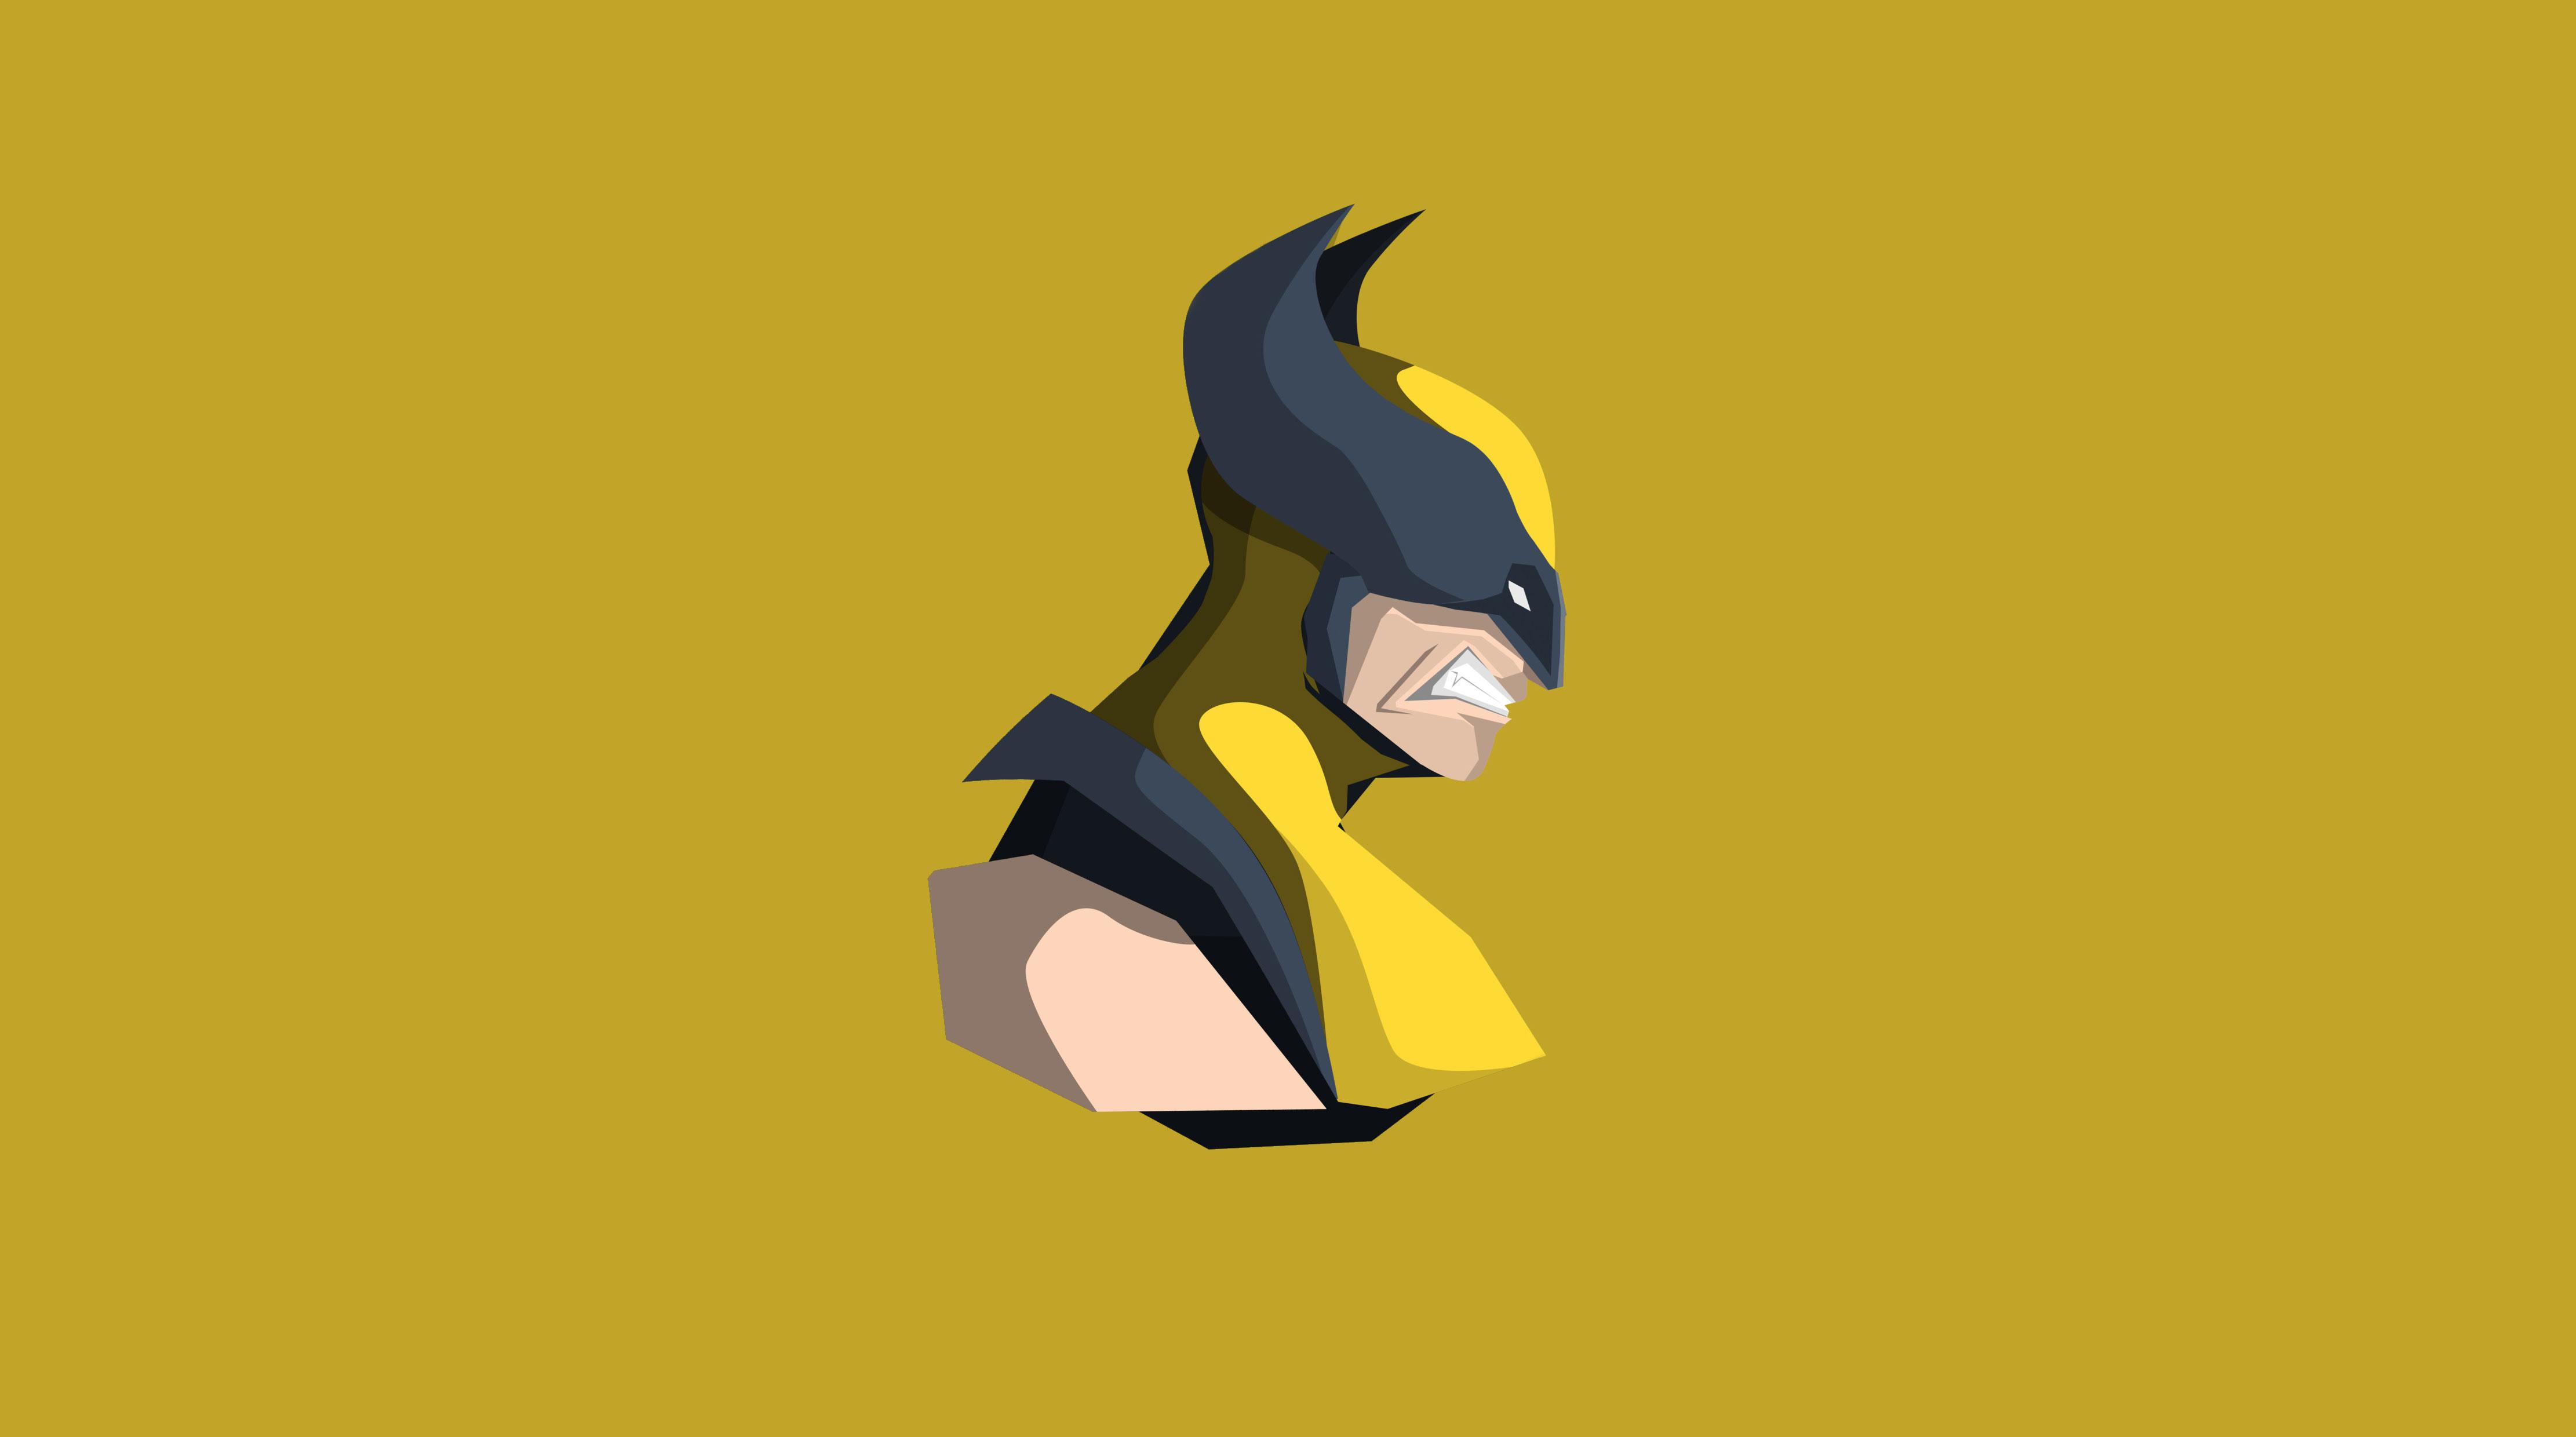 Wolverine Minimalism 4k Hd Superheroes 4k Wallpapers Images